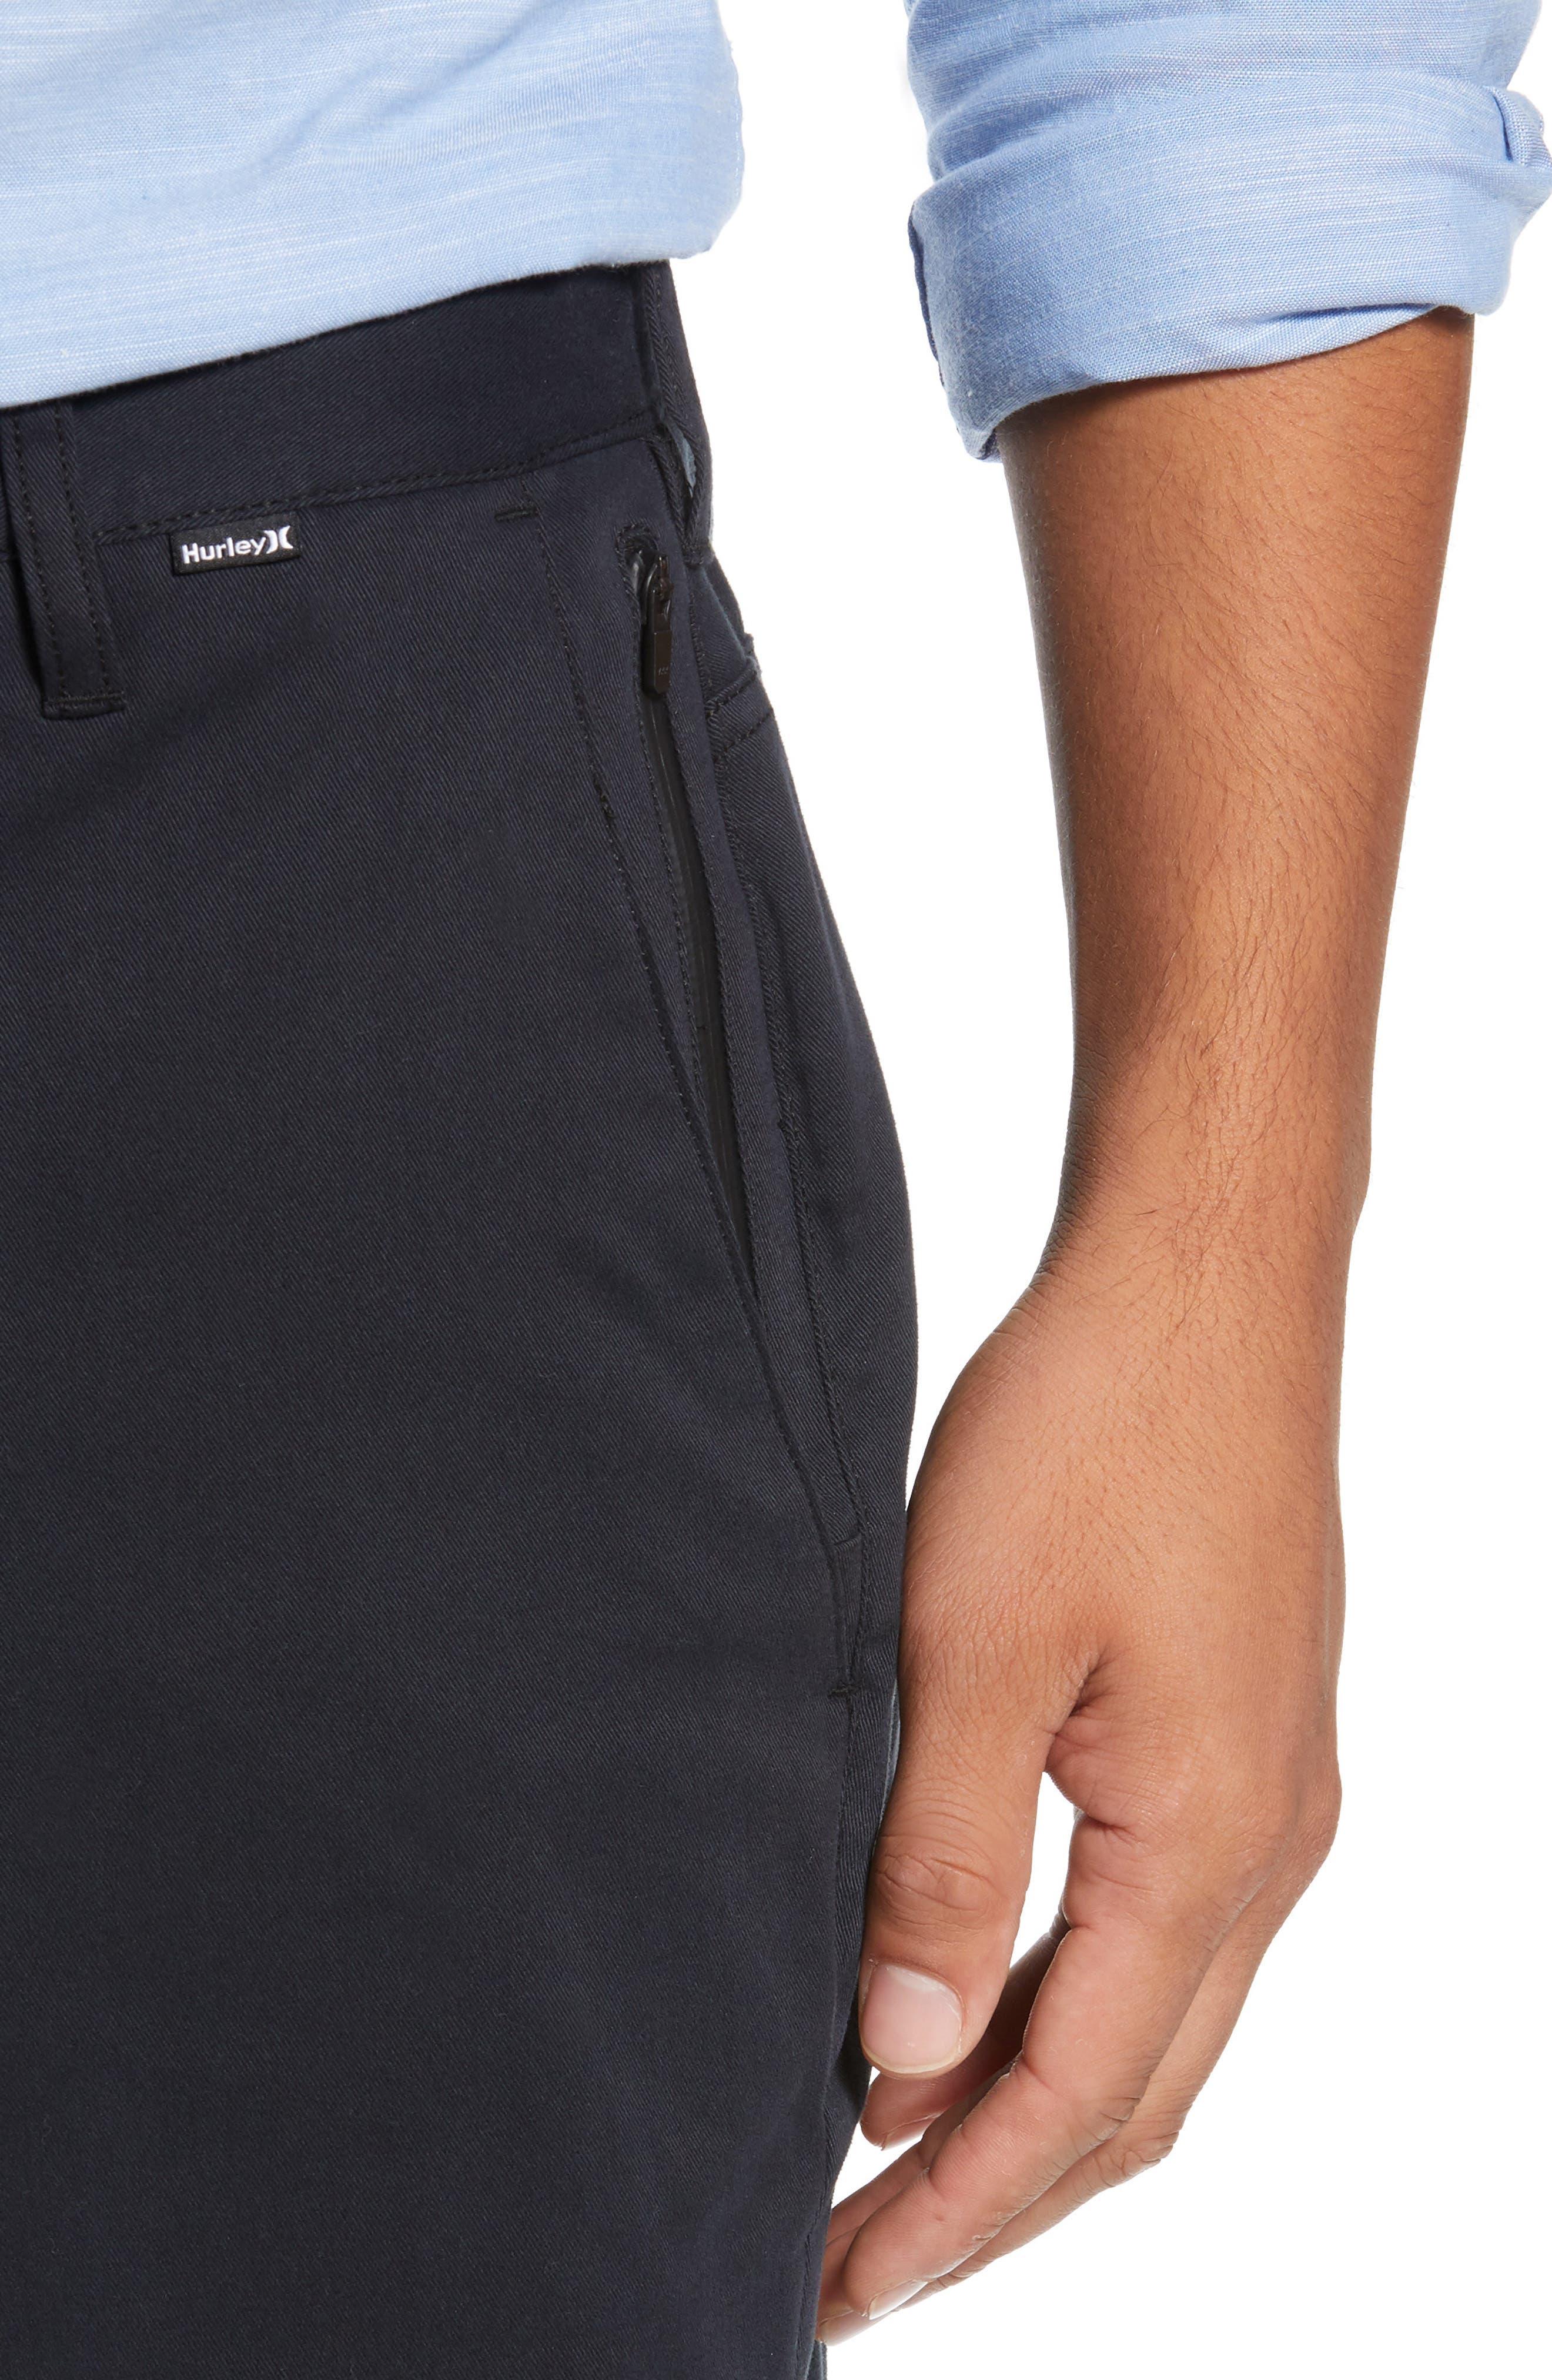 Dri-FIT Pants,                             Alternate thumbnail 4, color,                             BLACK